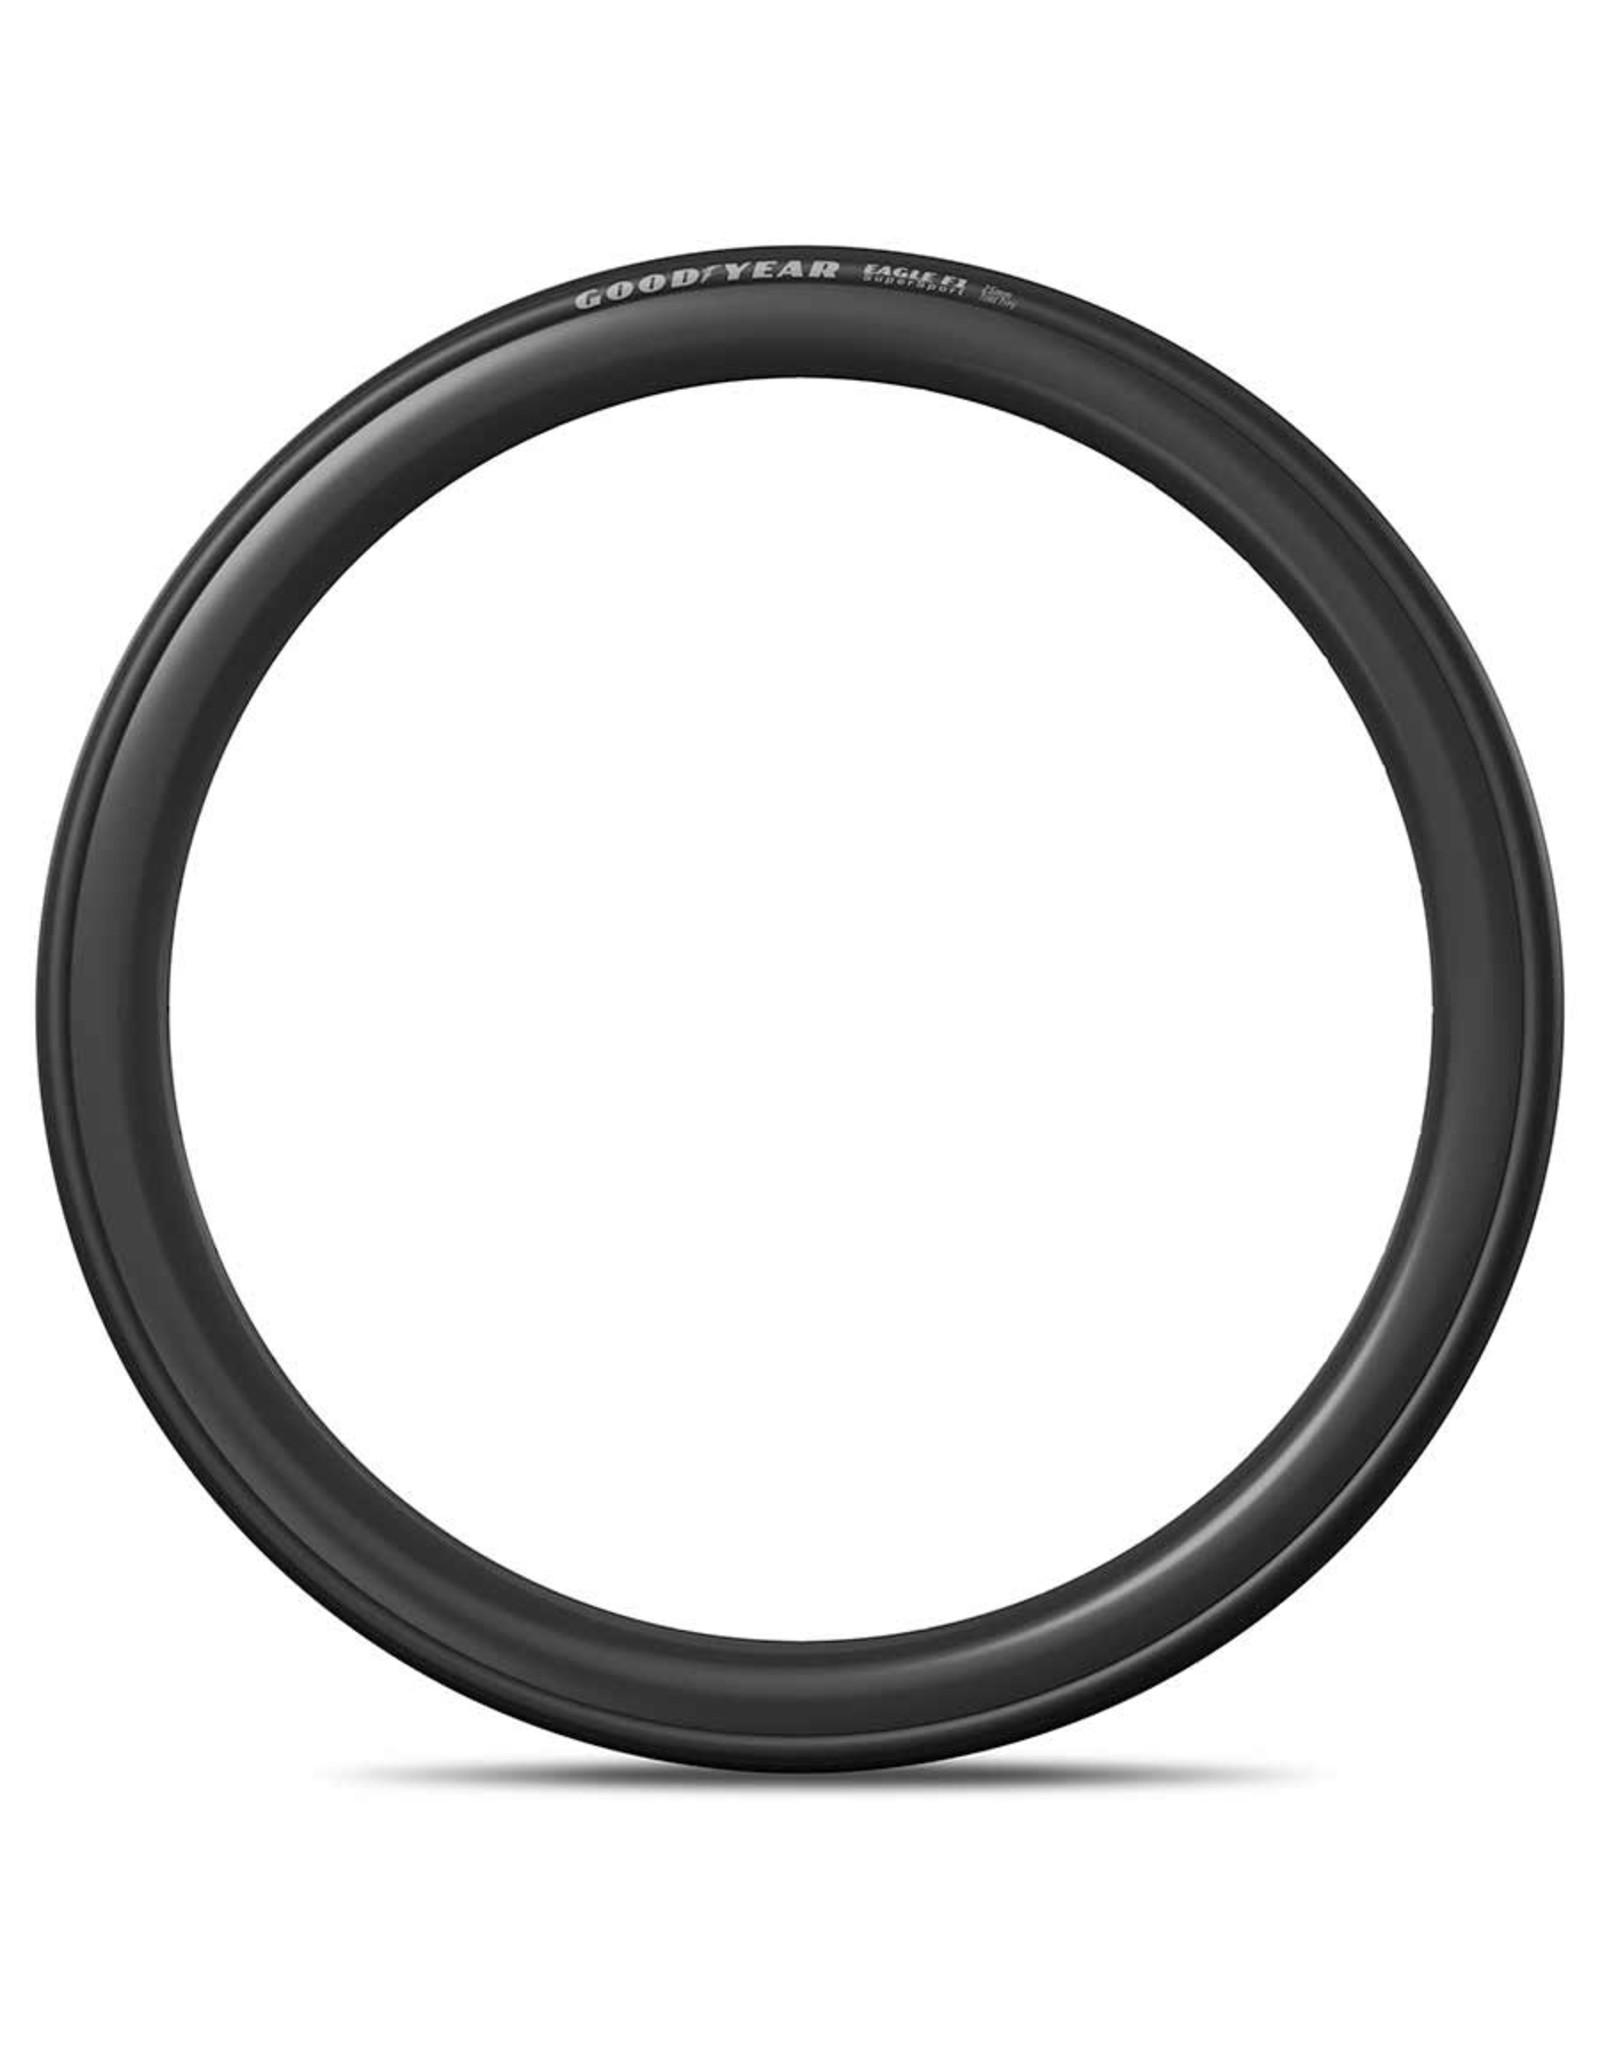 Goodyear Goodyear, Eagle F1 SuperSport, Tire, 700x25C, Folding, Clincher, Dynamic:GSR, R:Shield, 120TPI, Black